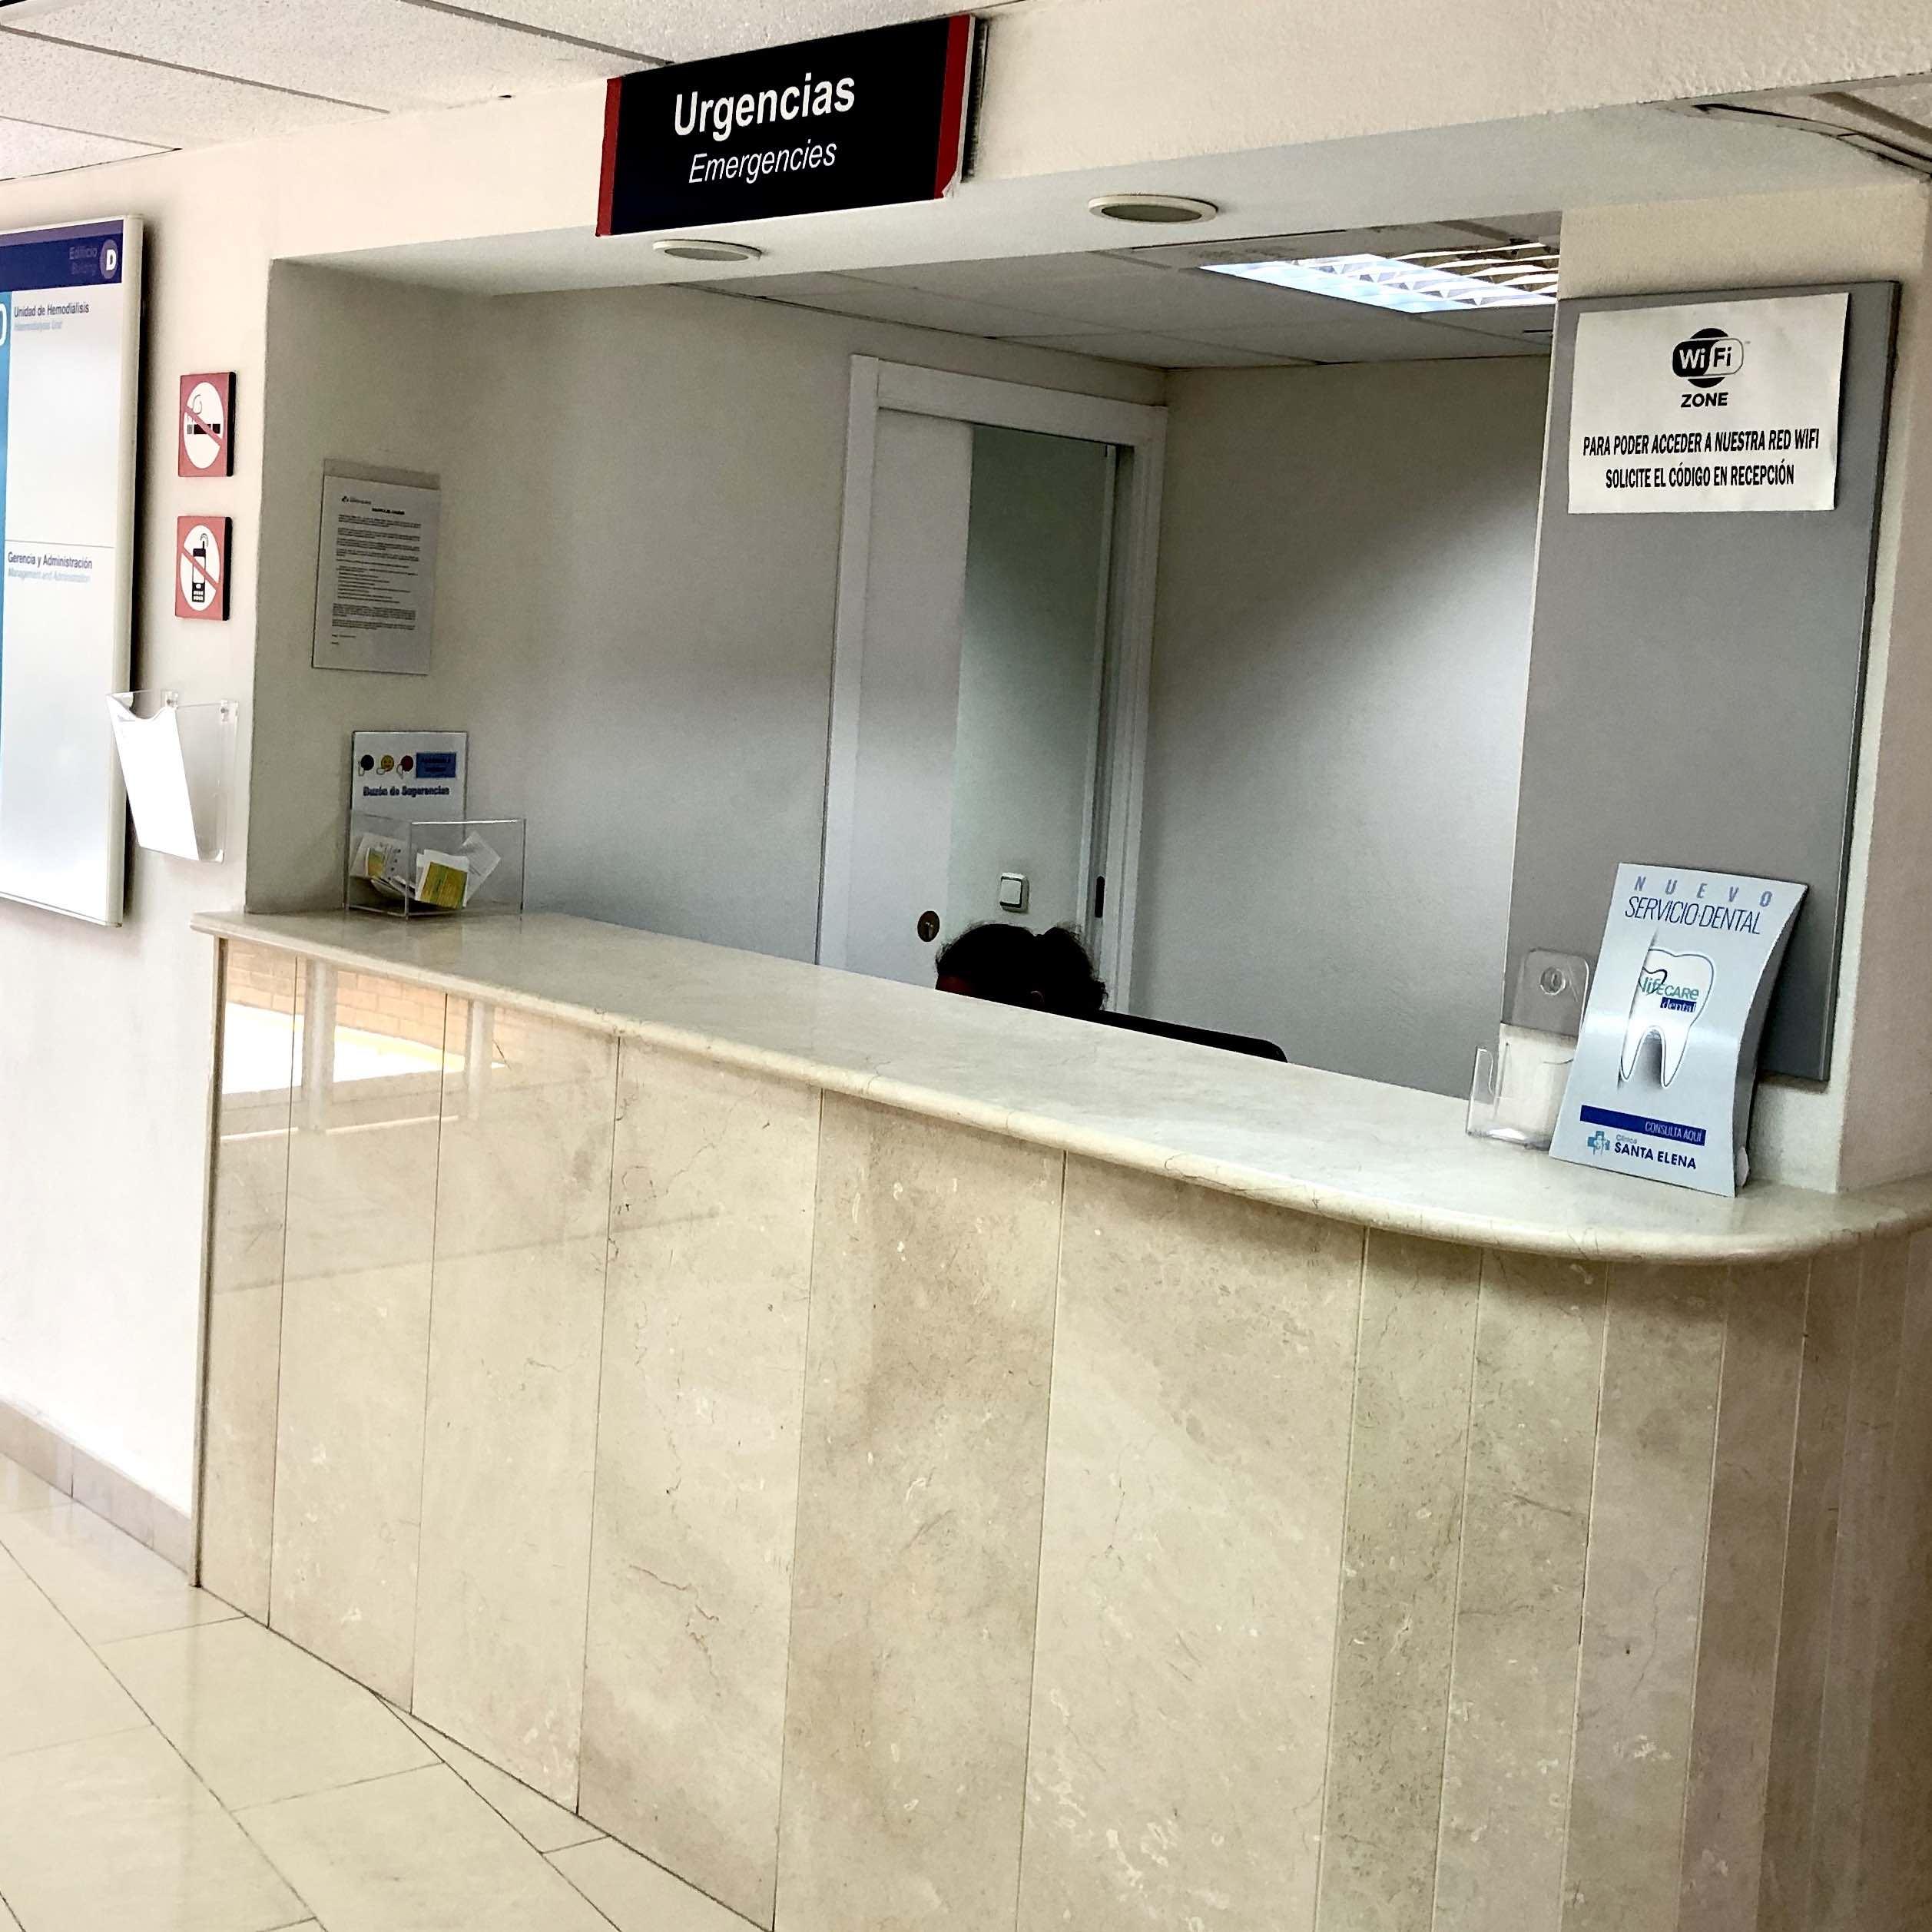 Urgencias - Hospital de día - Hospital Santa Elena, clinica médica en Torremolinos, Málaga. Servicios sanitarios en la Costa del Sol. Más de 30 especialidades y servicio de urgencia